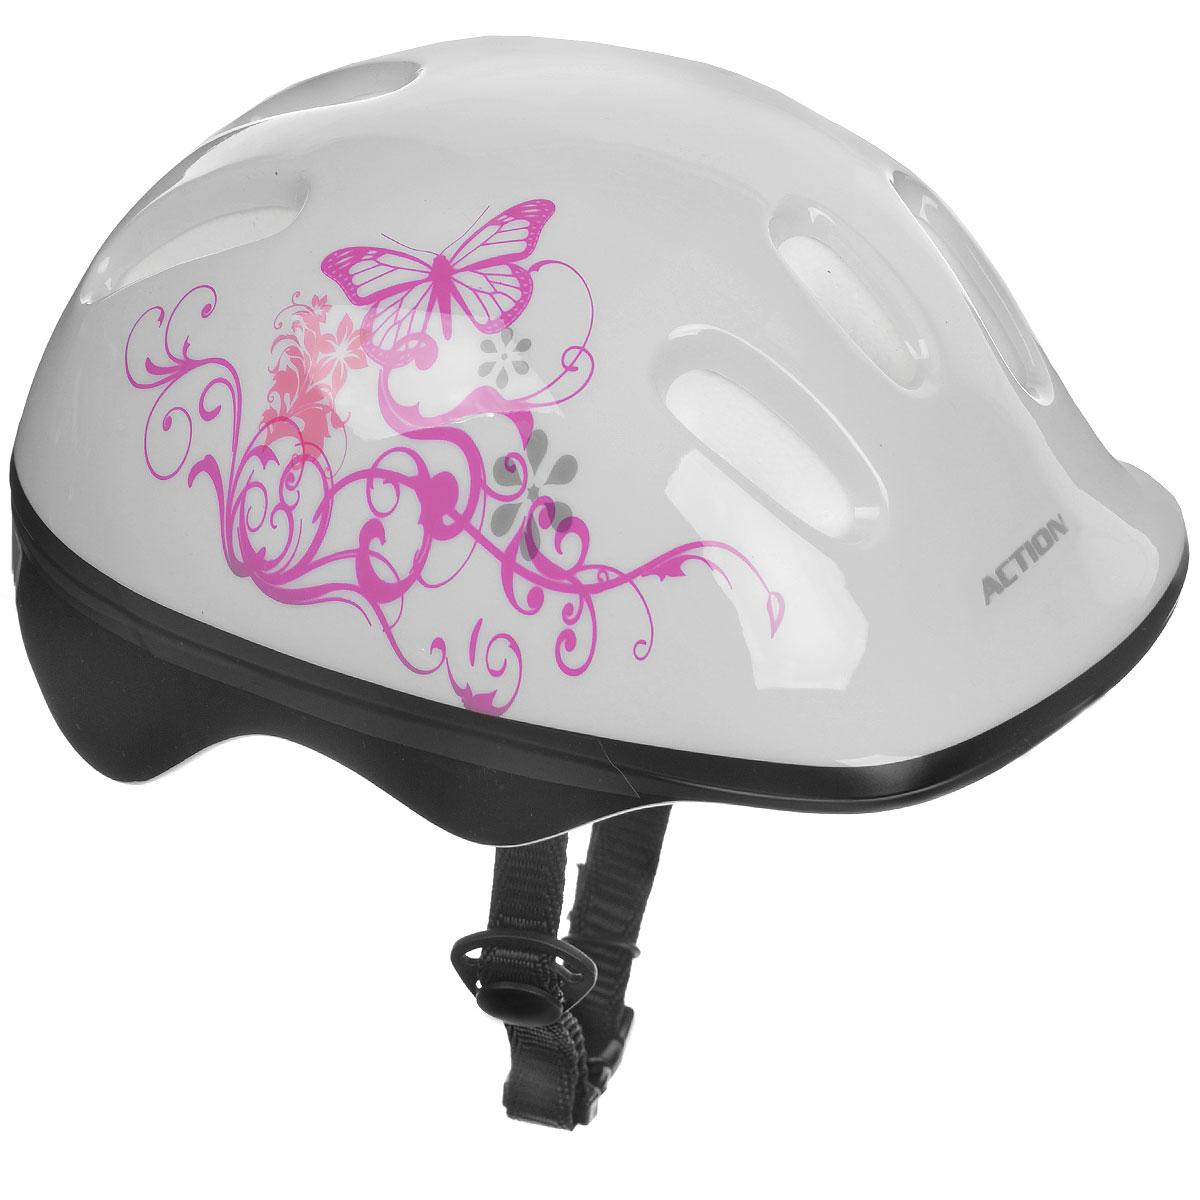 Шлем защитный Action, цвет: белый, розовый. Размер XS (48-51). PWH-10PWH-10Шлем Action послужит отличной защитой для ребенка во время катания на роликах или велосипеде. Он выполнен из плотного вспененного пенопласта, покрытого пластиковой пленкой и отлично сидит на голове, благодаря мягким вставкам на внутренней стороне. Шлем снабжен системой вентиляции и крепится при помощи удобного регулируемого ремня с пластиковым карабином, застегивающимся на подбородке.